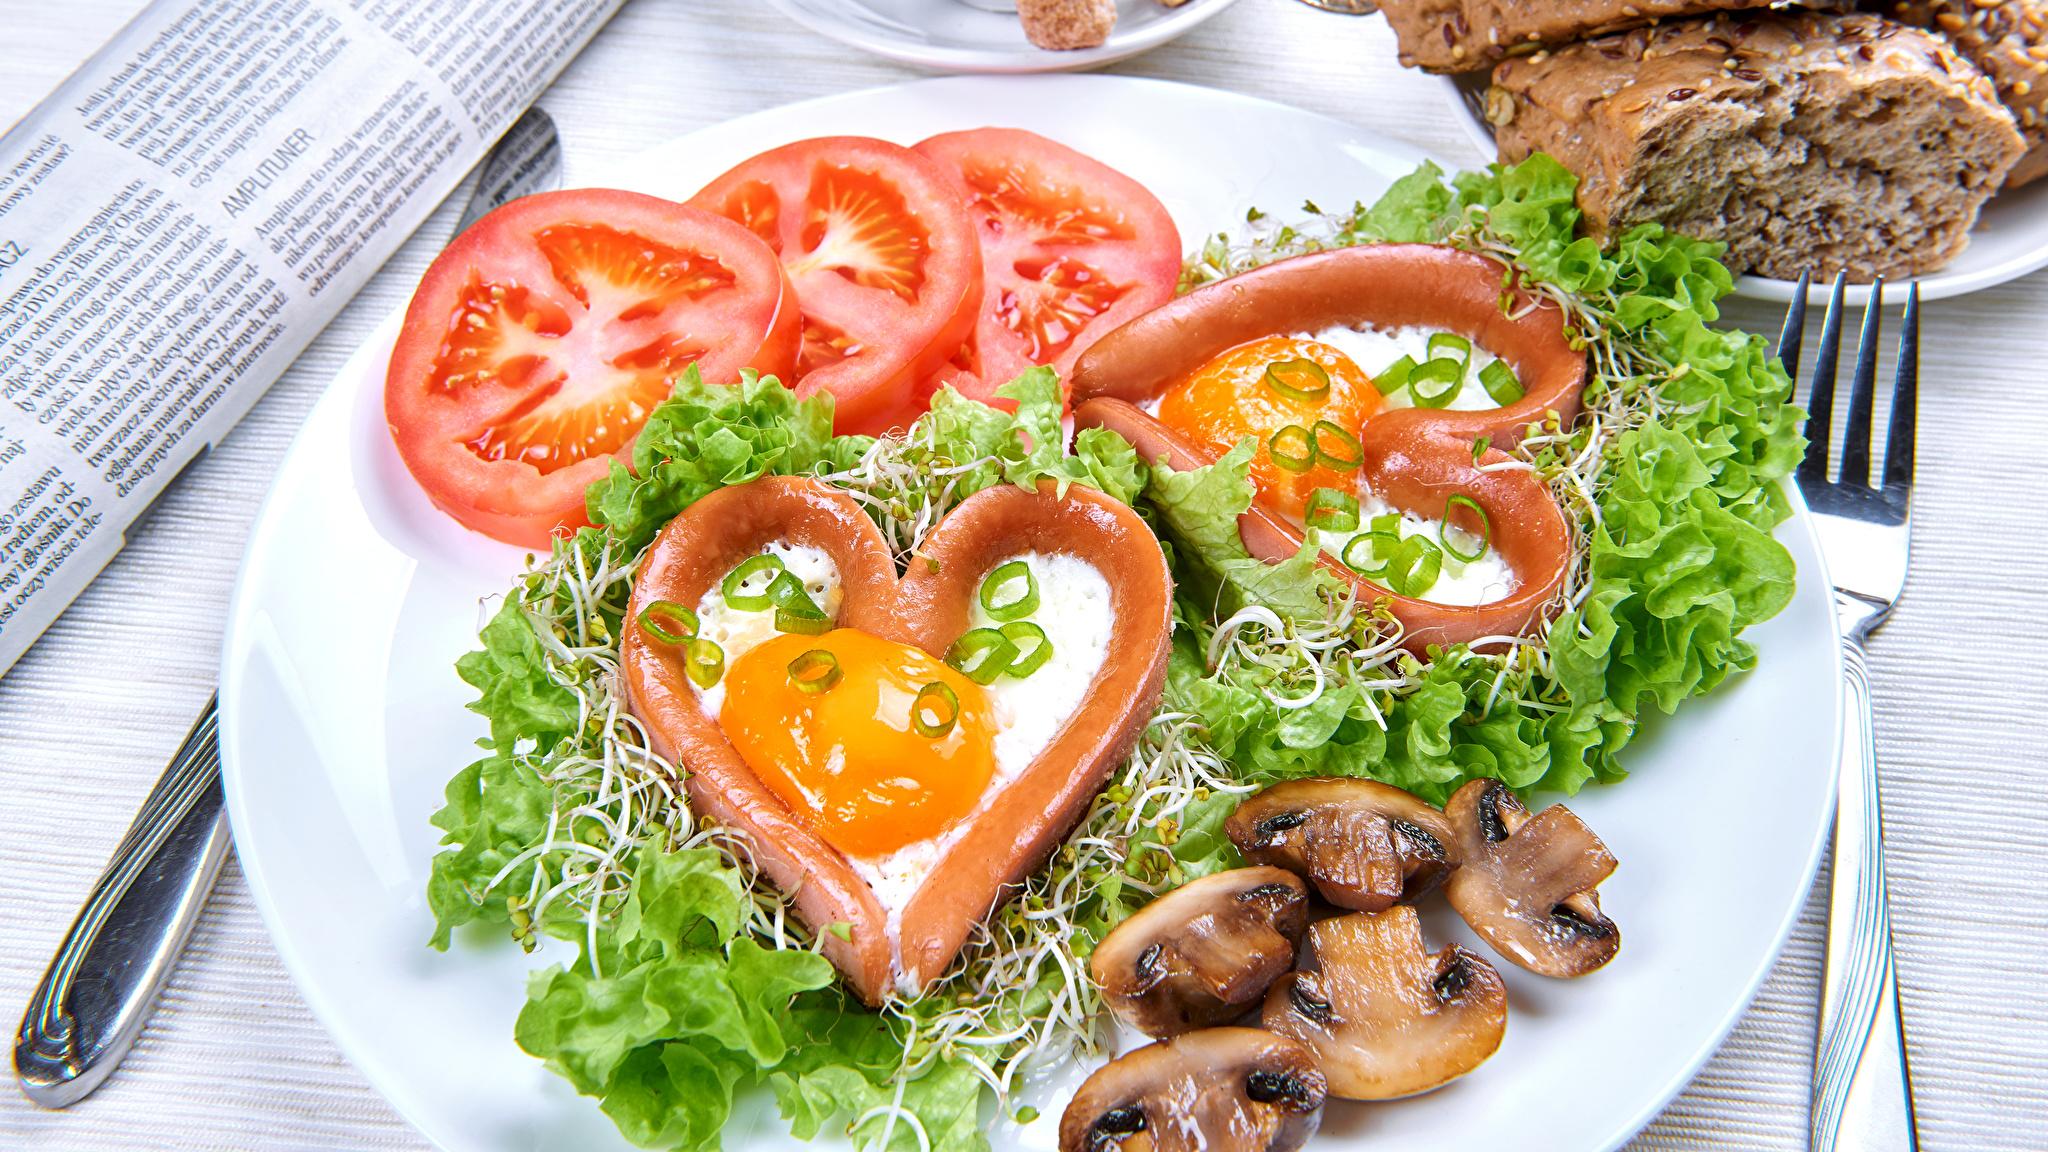 Накрываем праздничный стол на День всех влюбленных